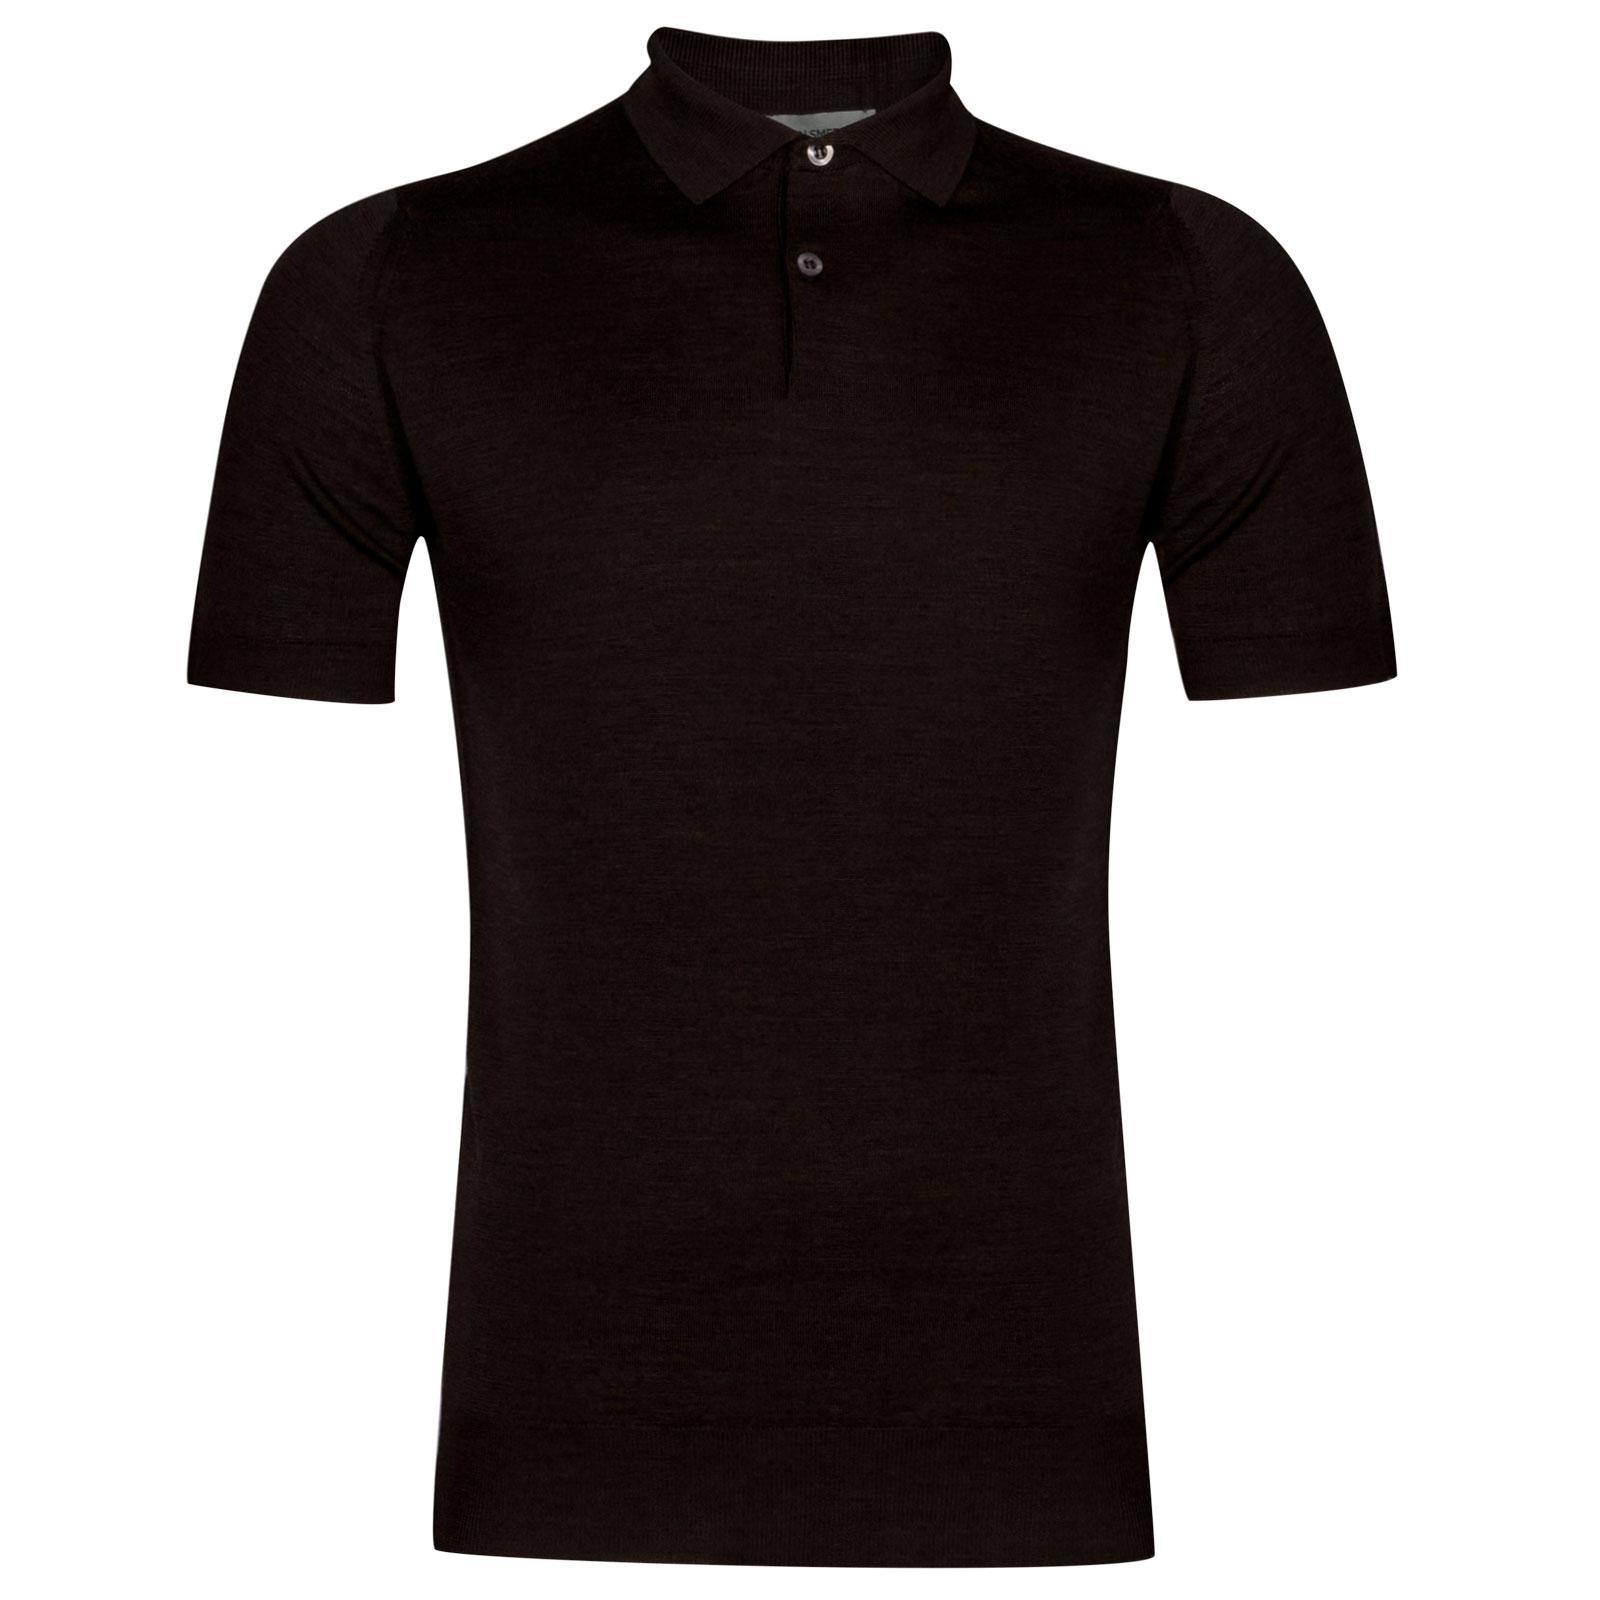 John Smedley payton Merino Wool Shirt in Chestnut-XXL